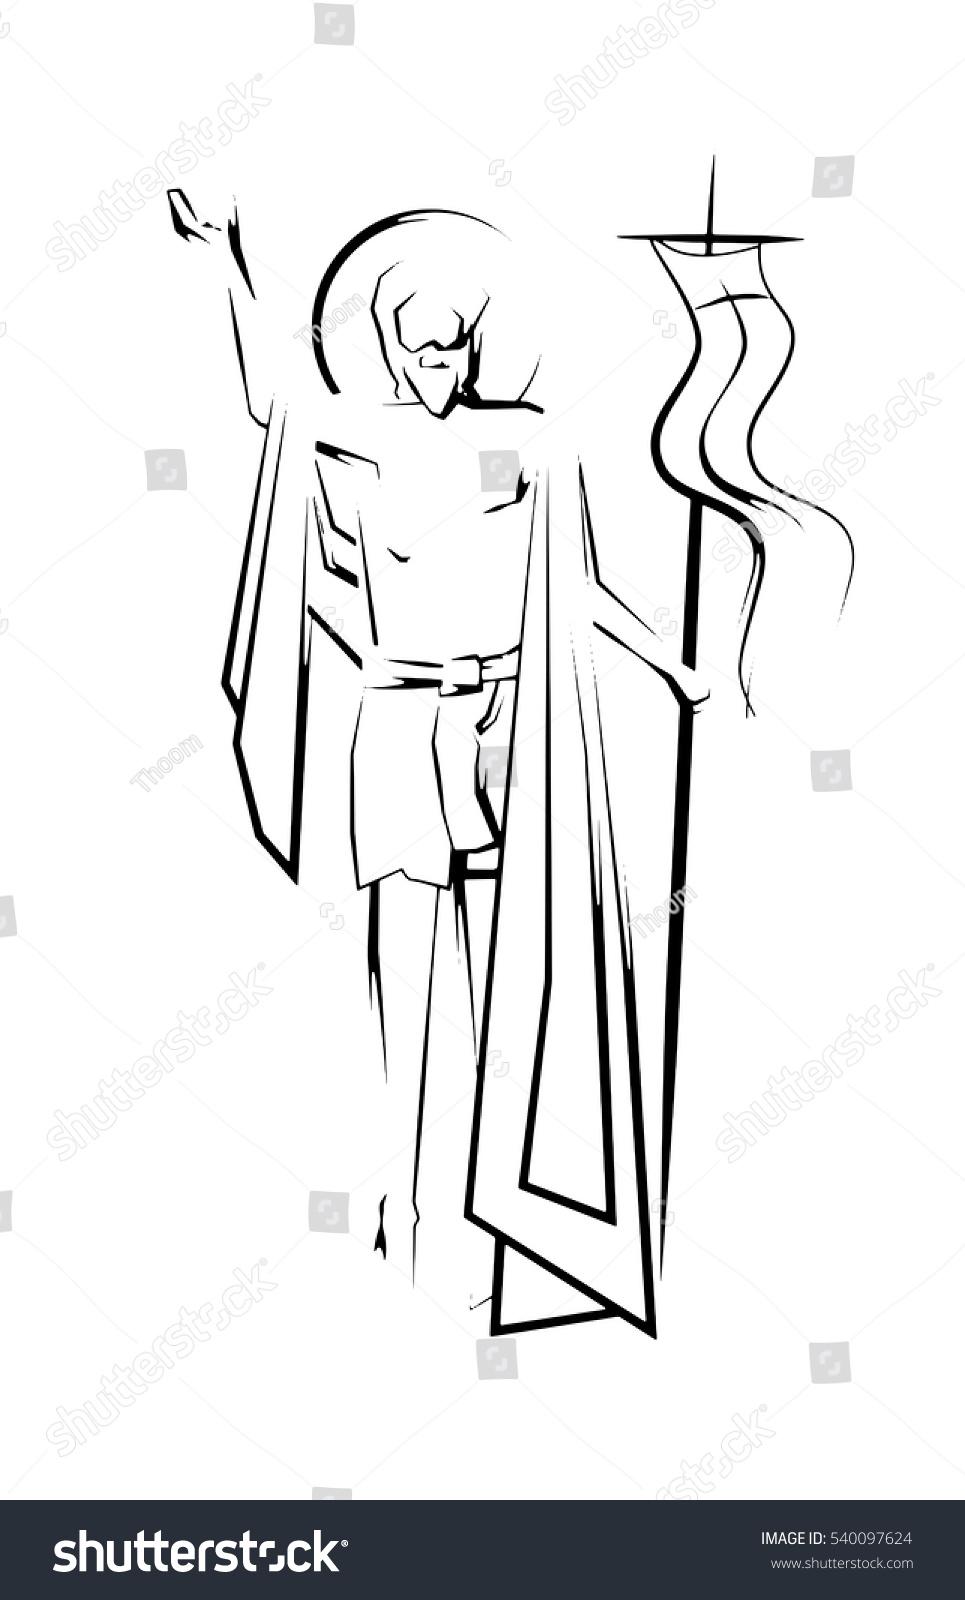 easter resurrection jesus christ risen lord stock vector 540097624